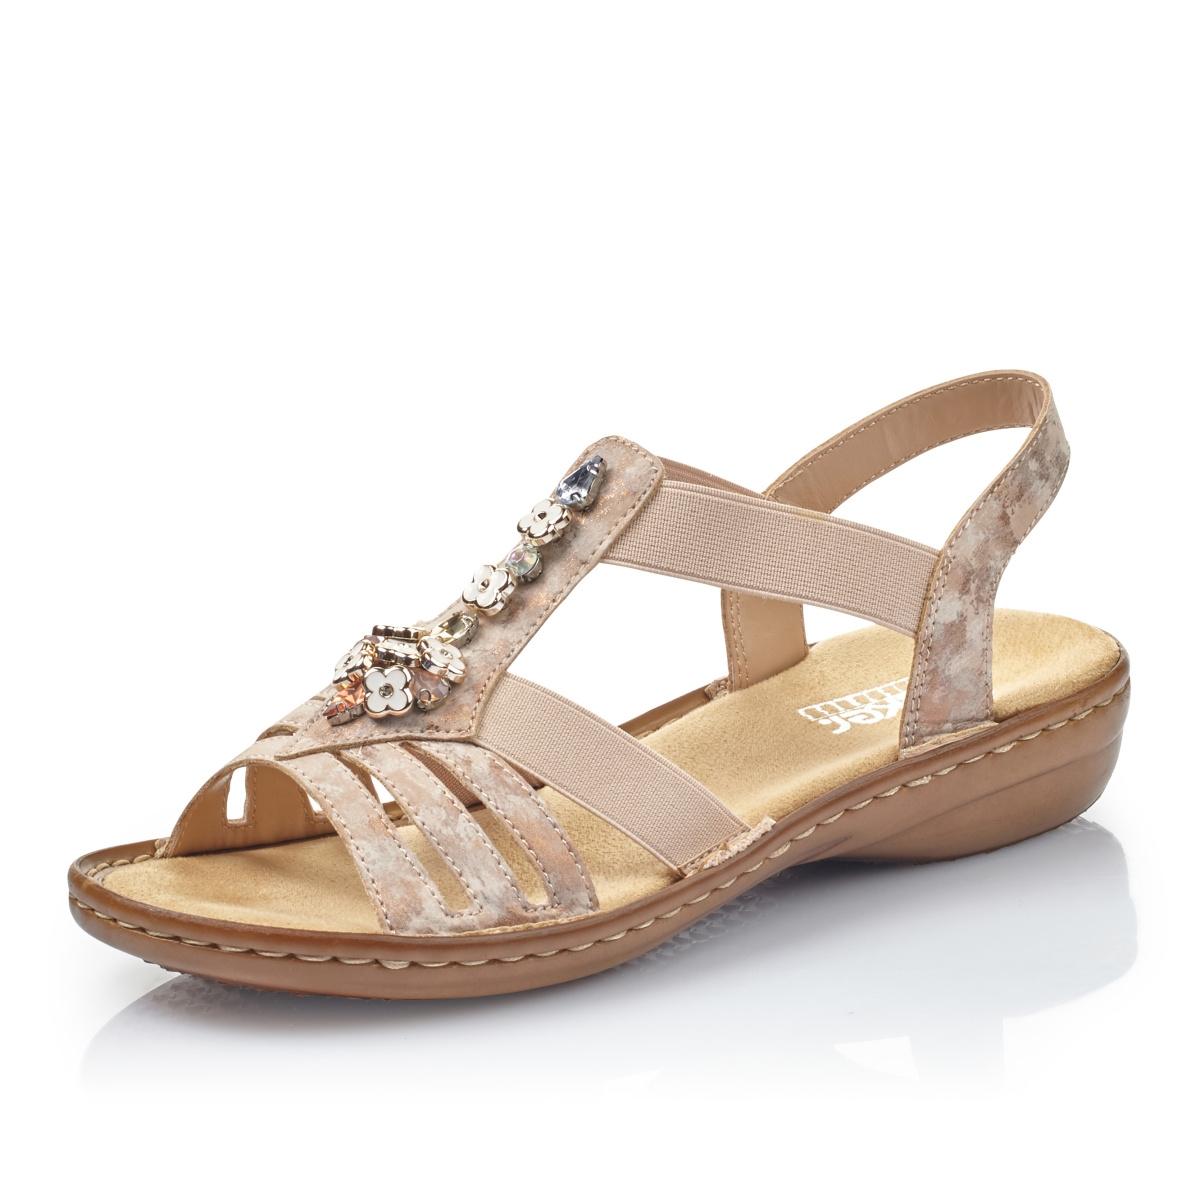 ddc4fe685d18 detail Dámska obuv RIEKER br 60855-31 ROSA ...